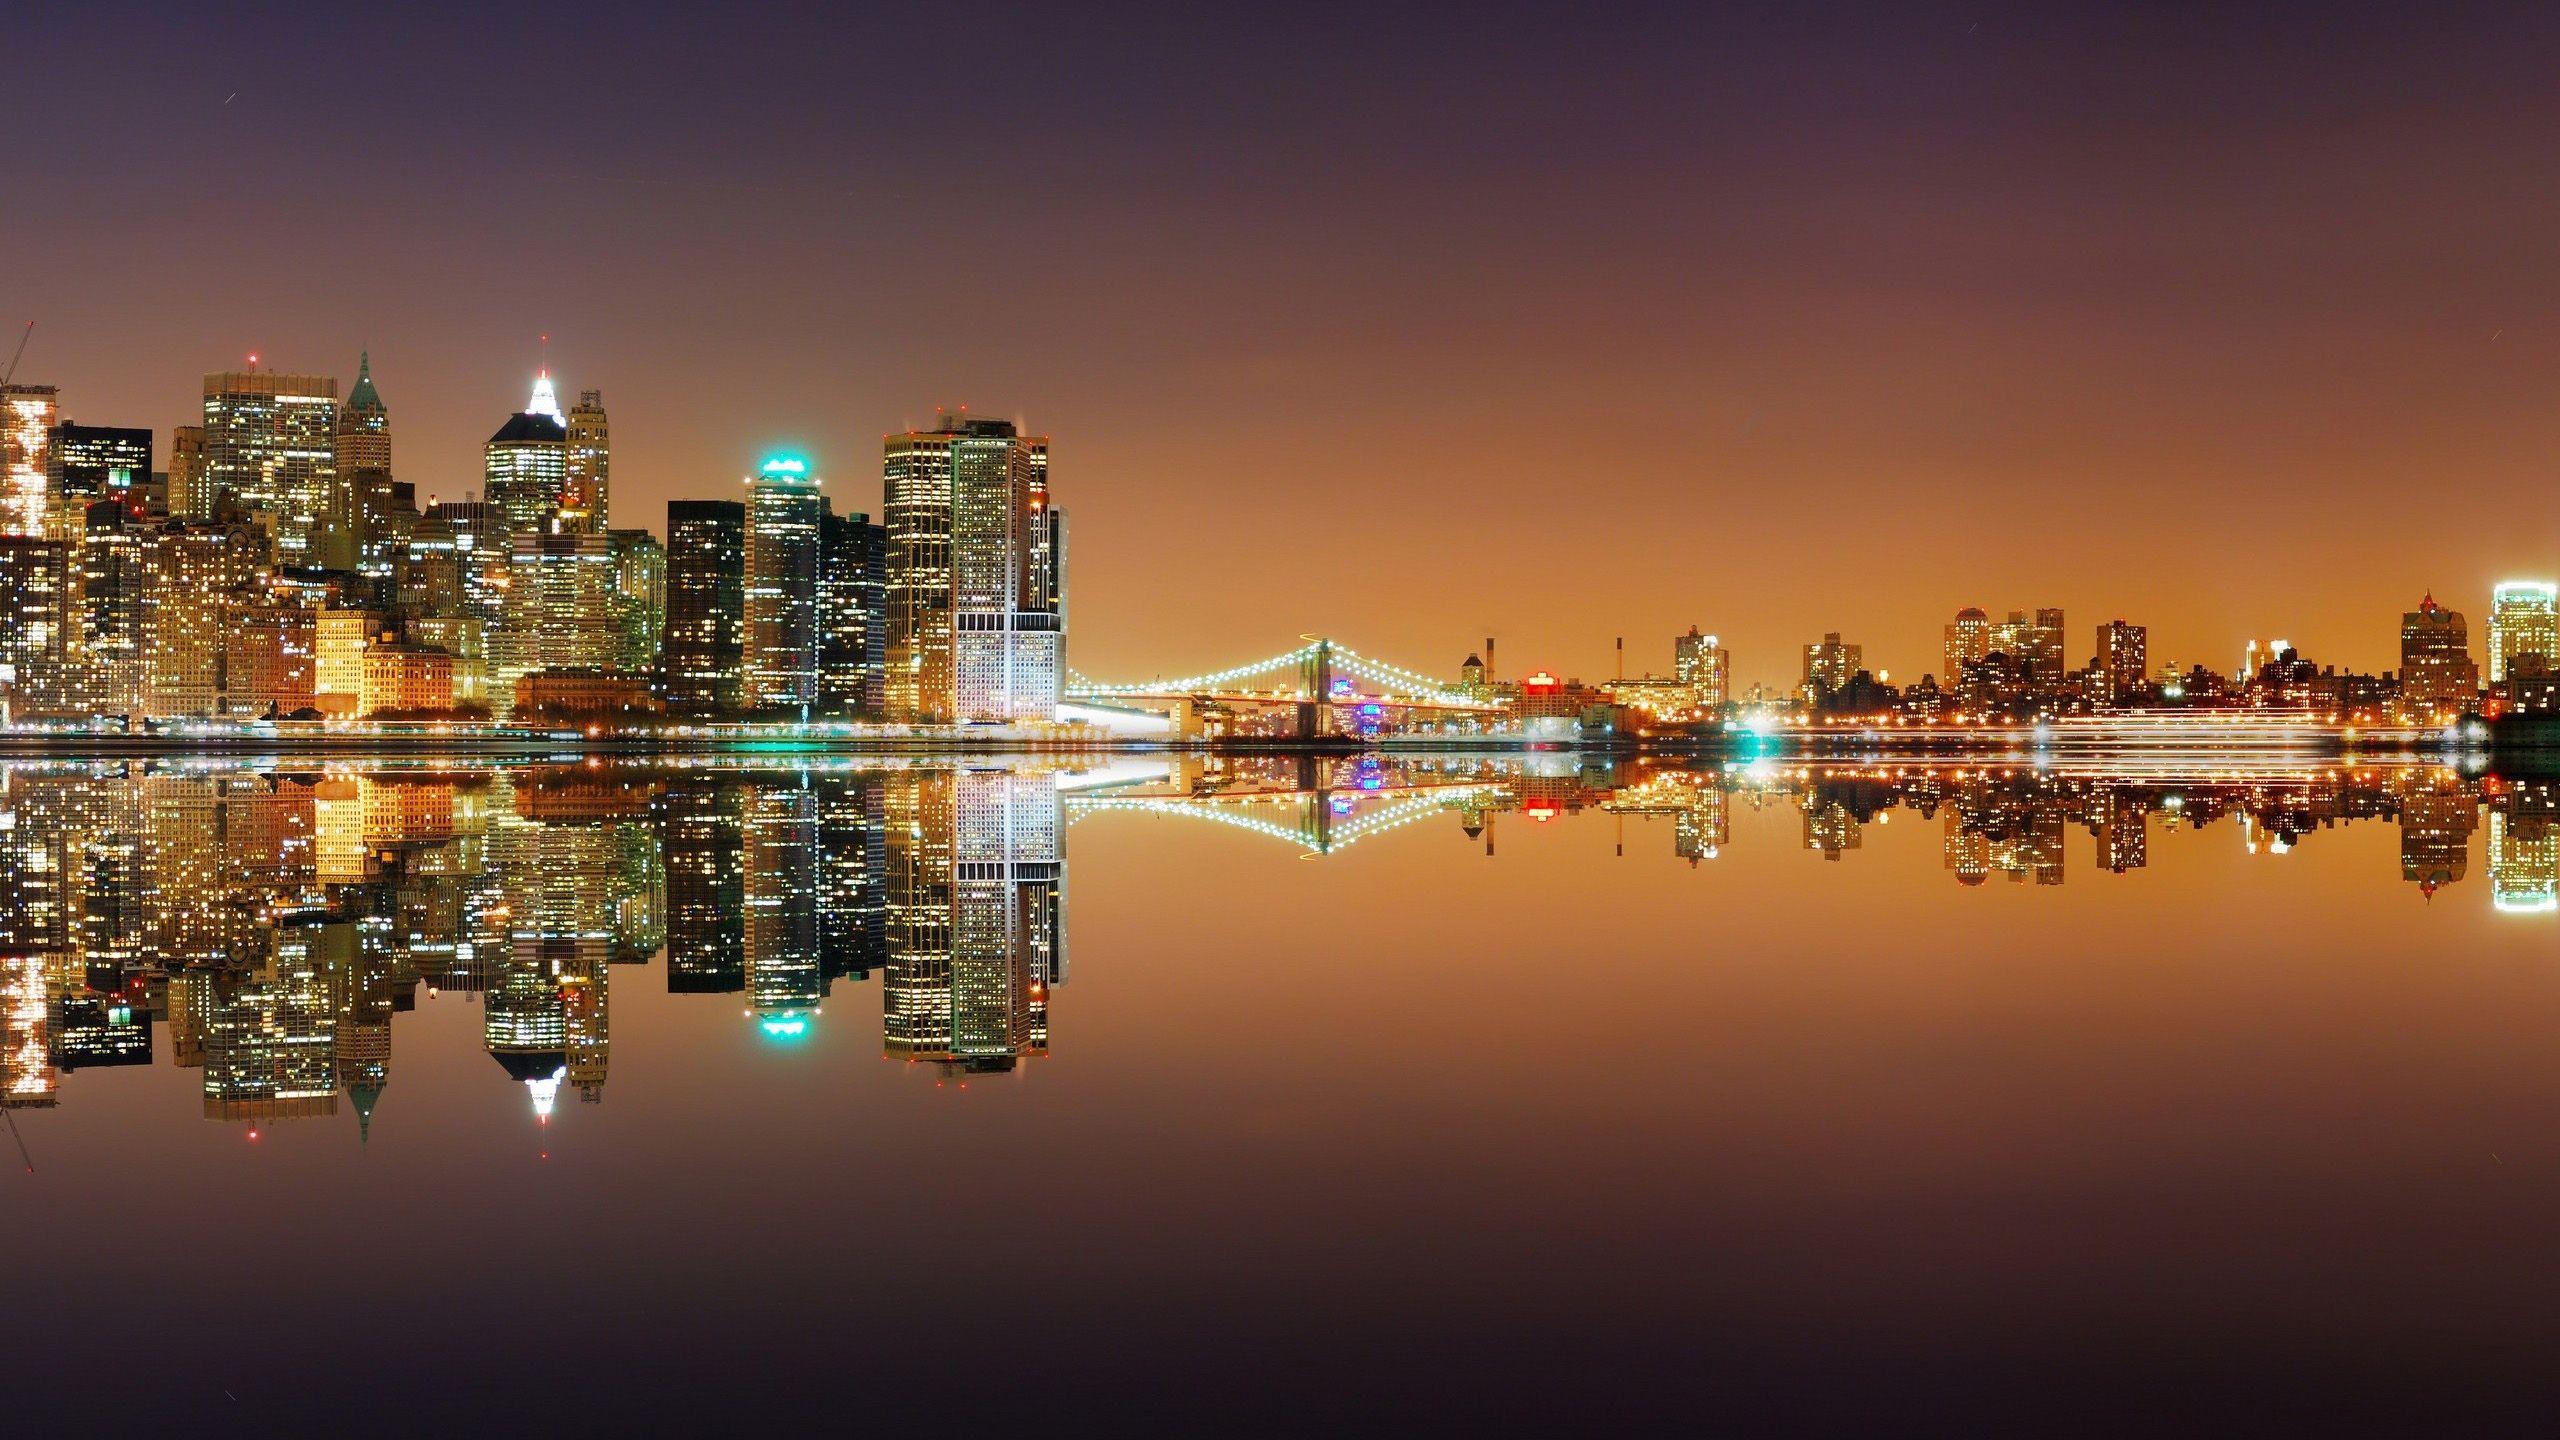 new york city skyline hd desktop wallpaper : widescreen : high